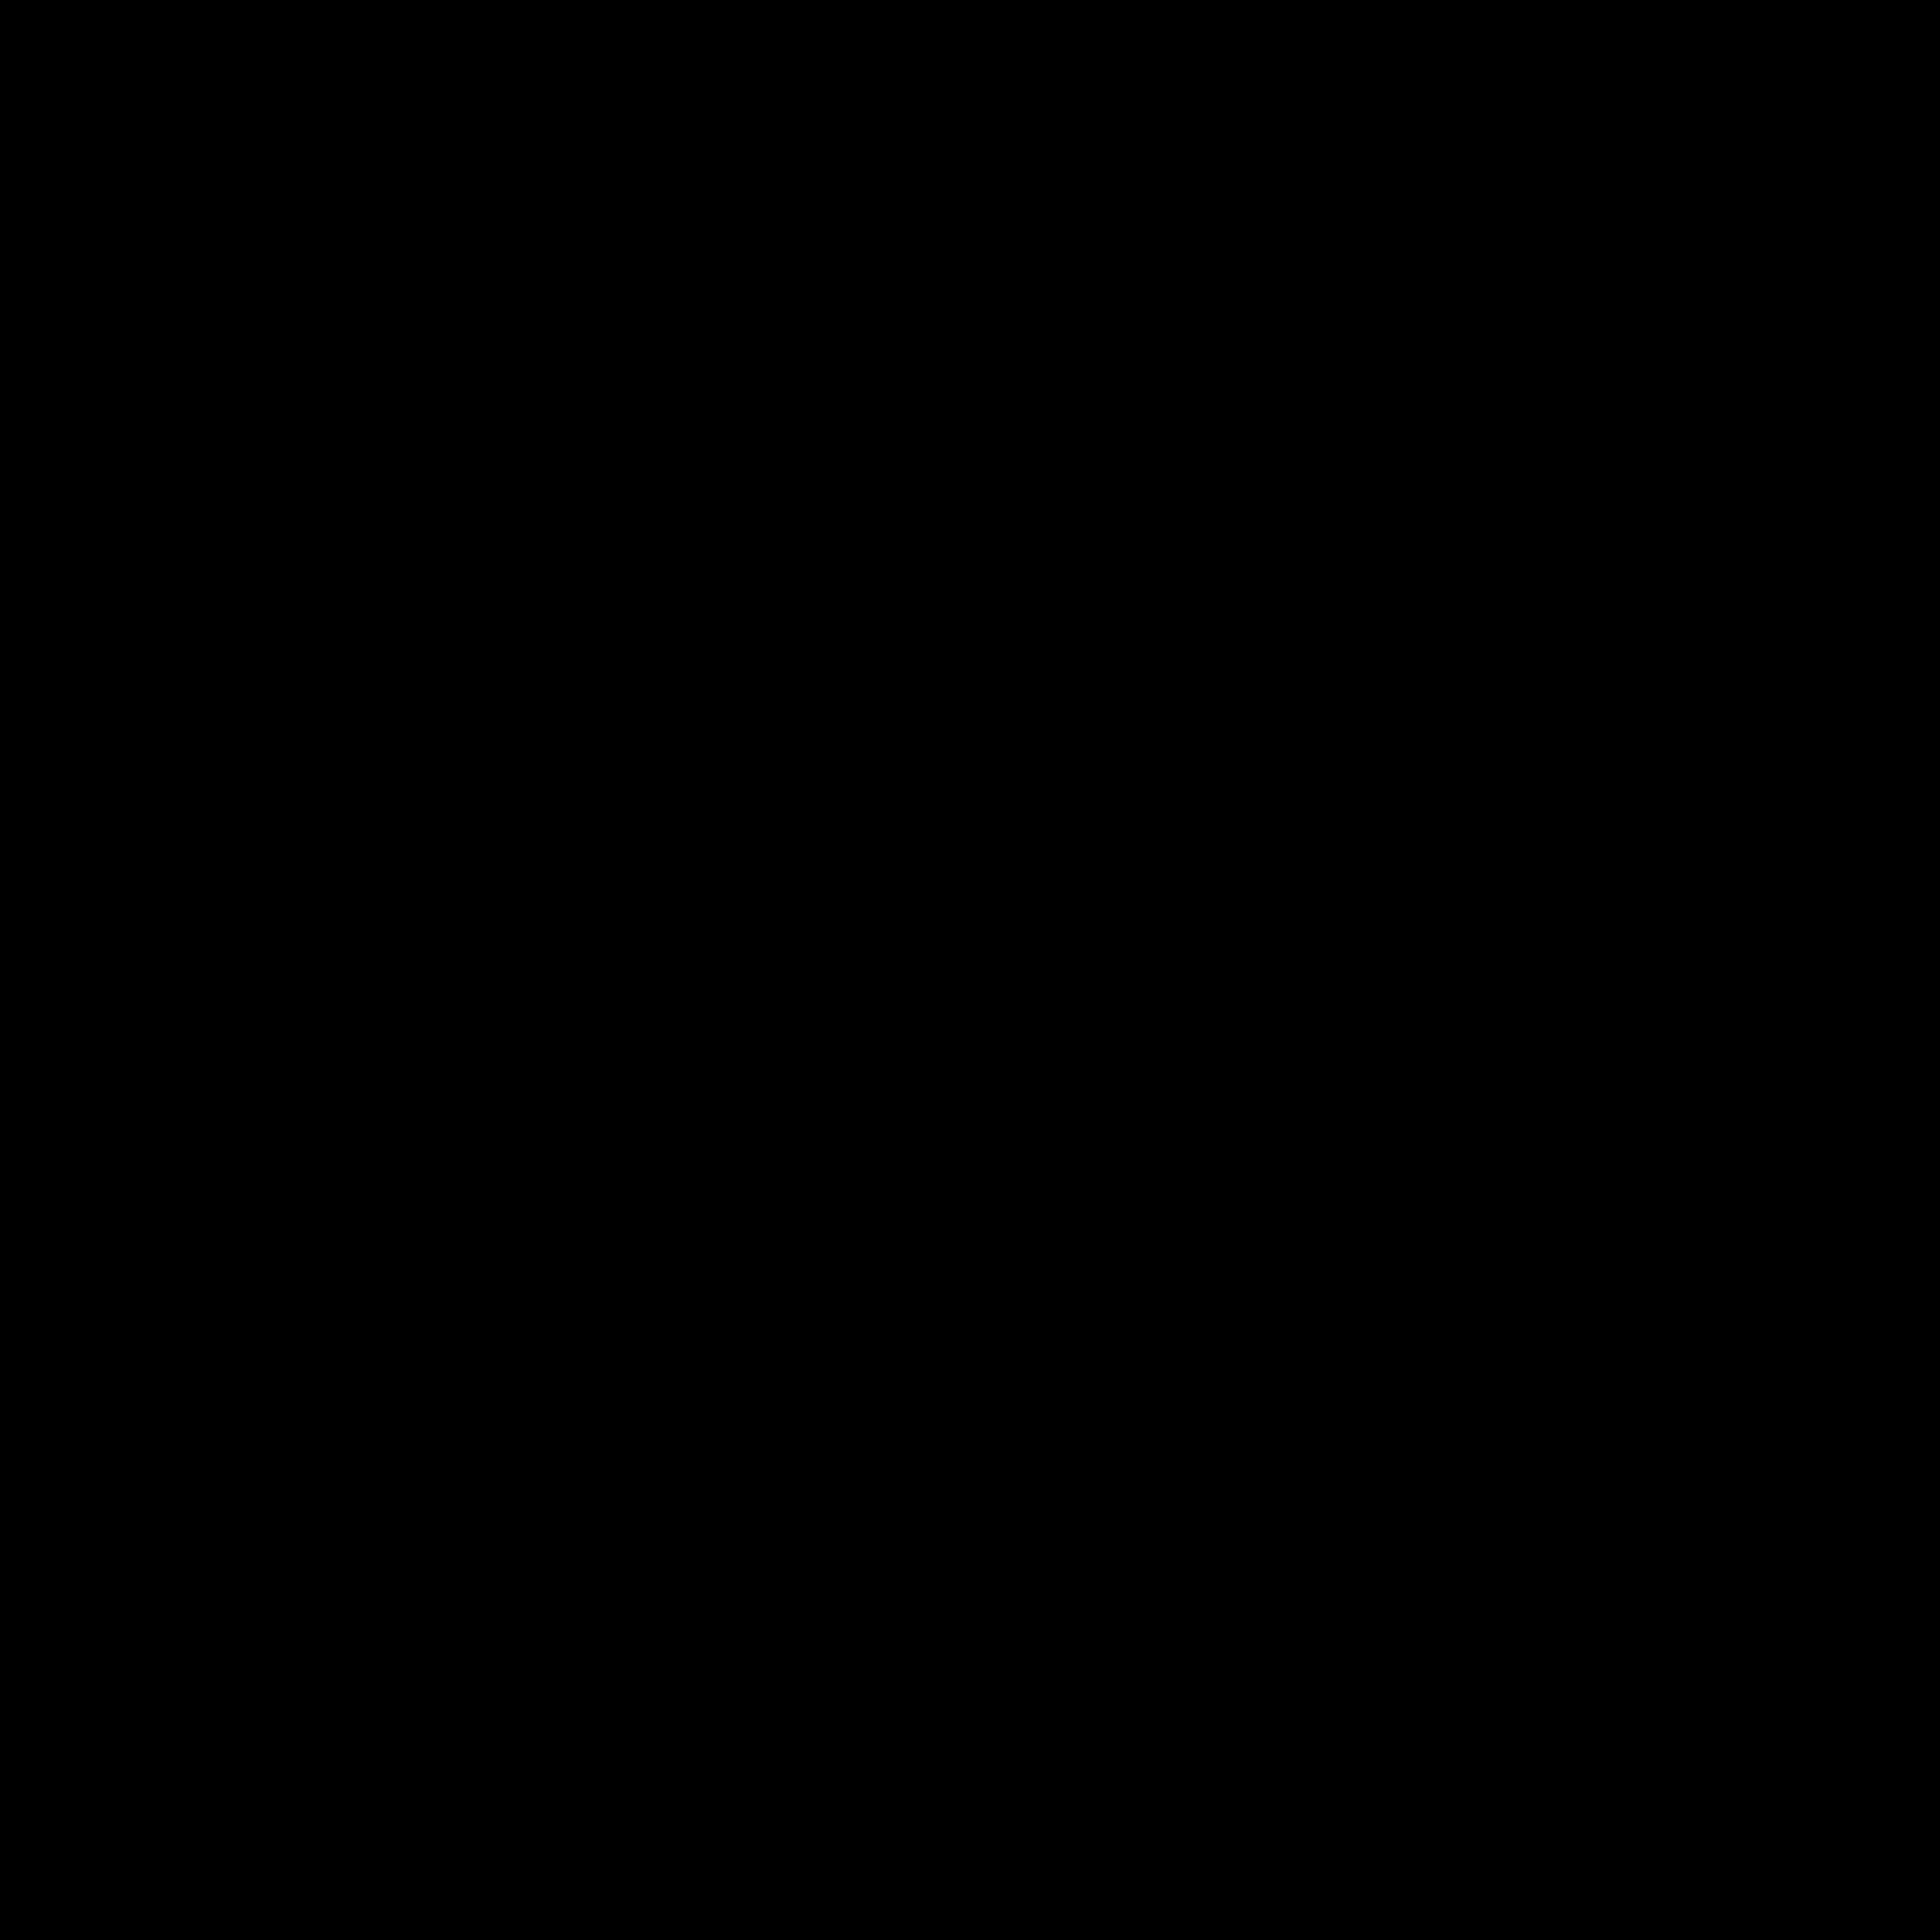 Forbidden.Media Radio